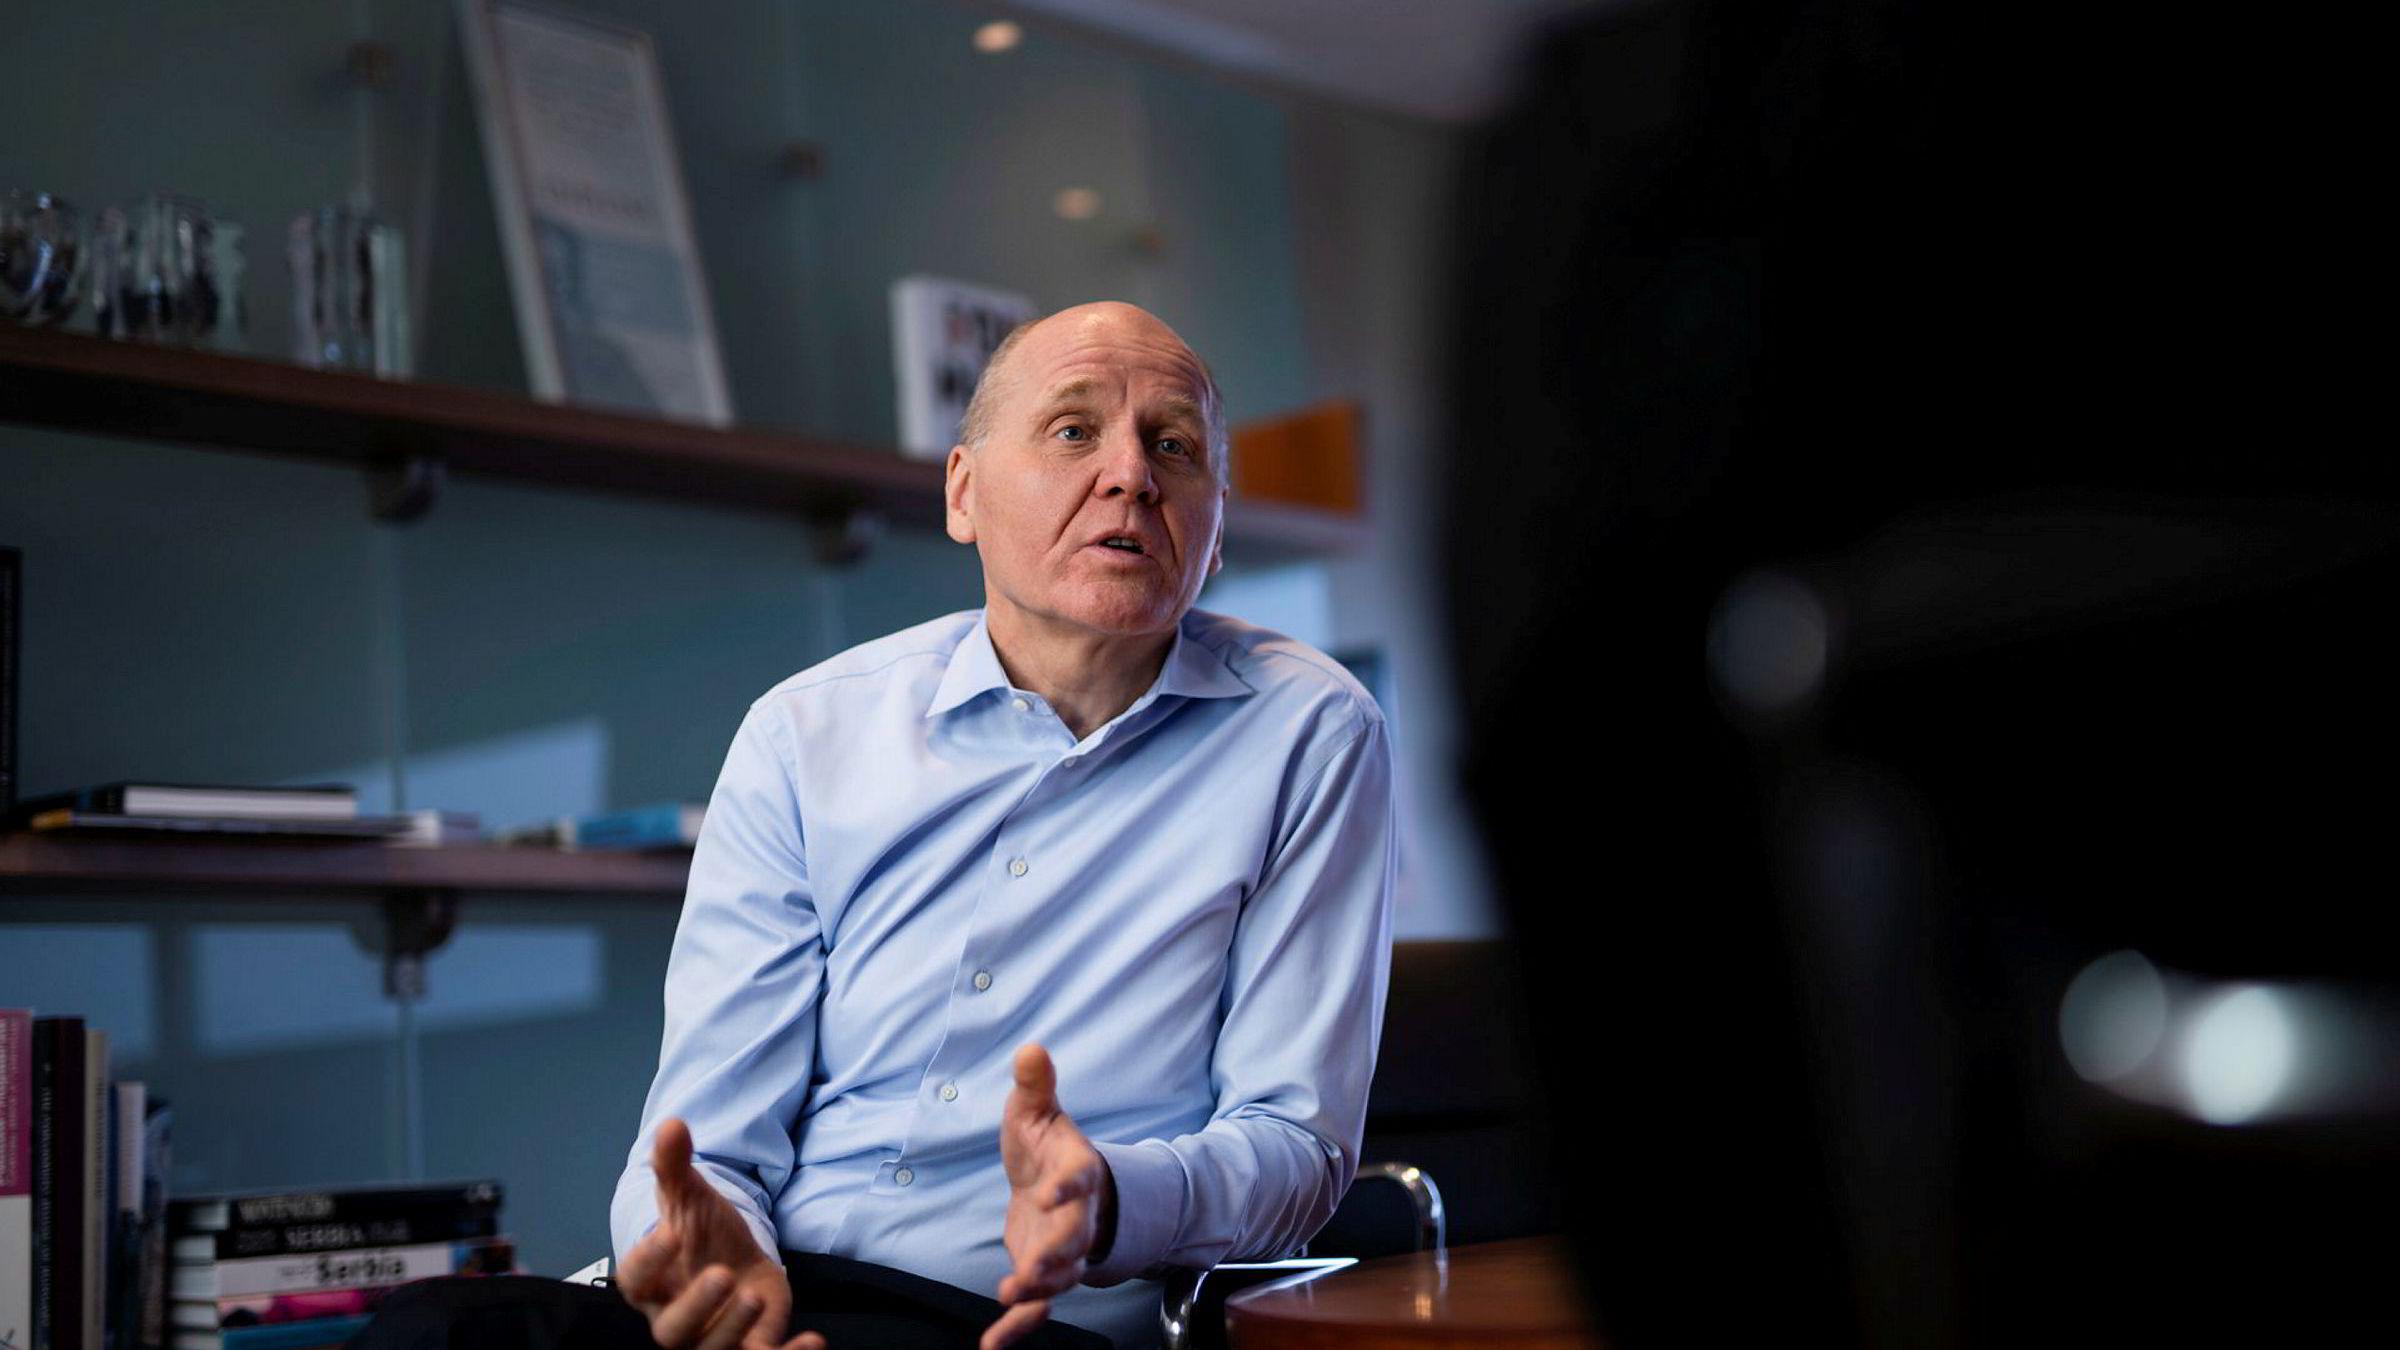 Sosiale treff og kreative prosesser der man møtes, vil fortsatt være en sentral del av arbeidshverdagen i Telenor, skriver konsernsjef Sigve Brekke i debattinnlegget.